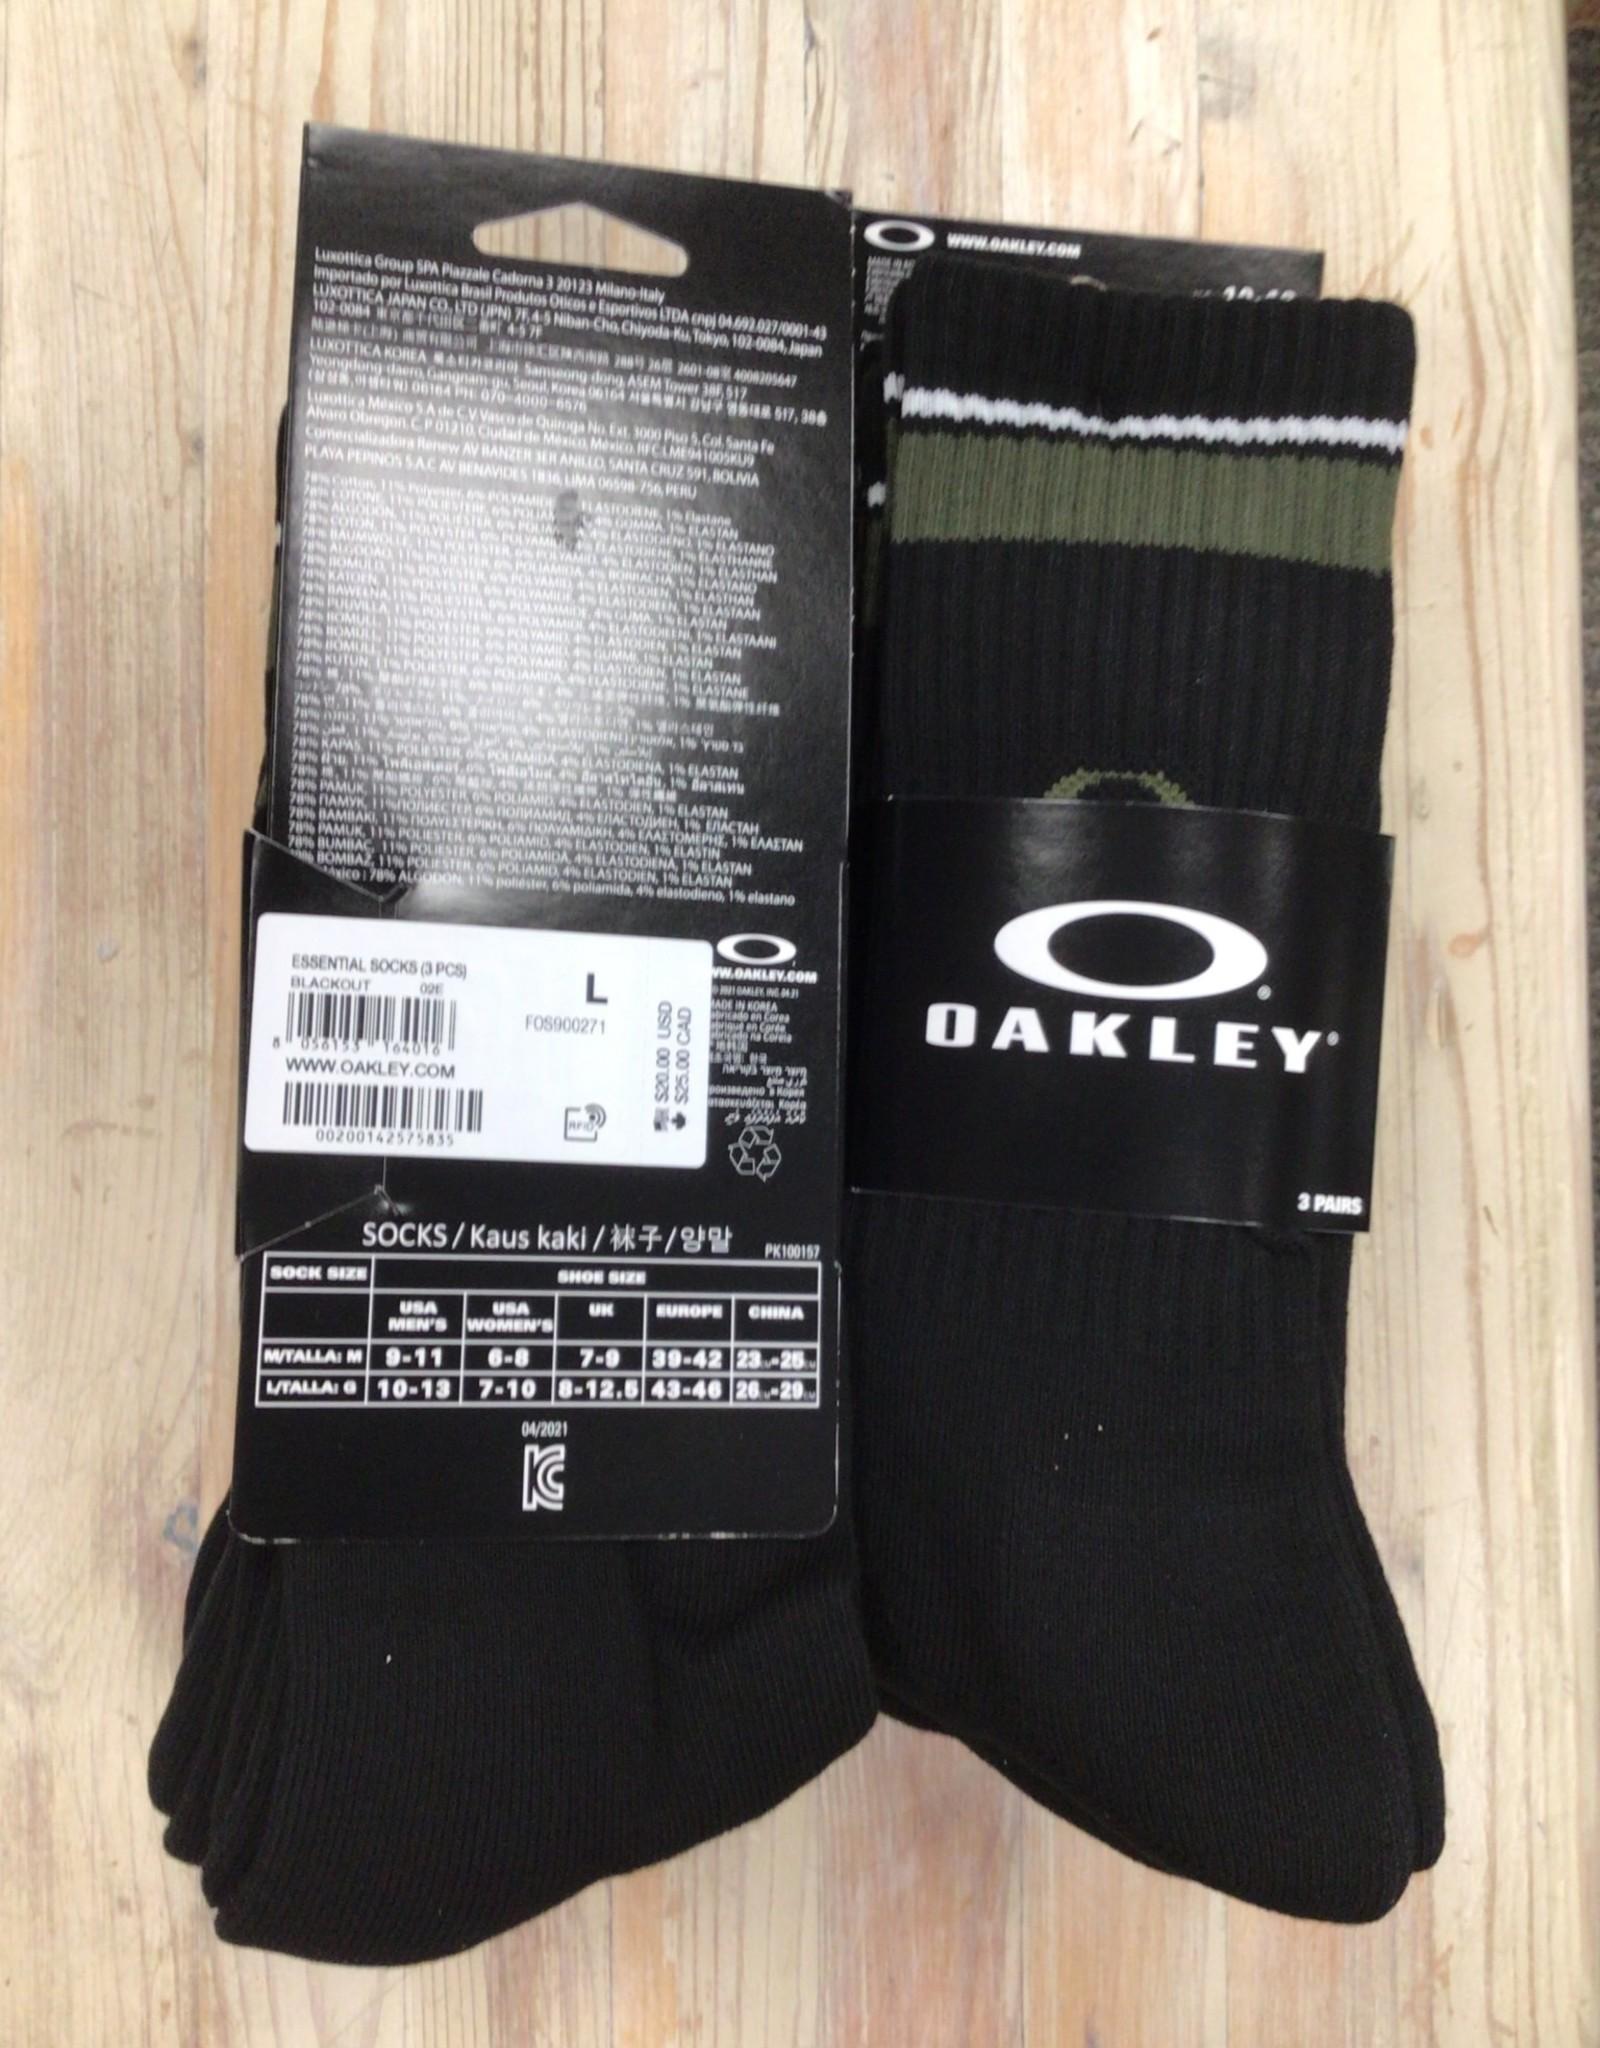 Oakley Oakley Essential Socks 3 pack Unisex